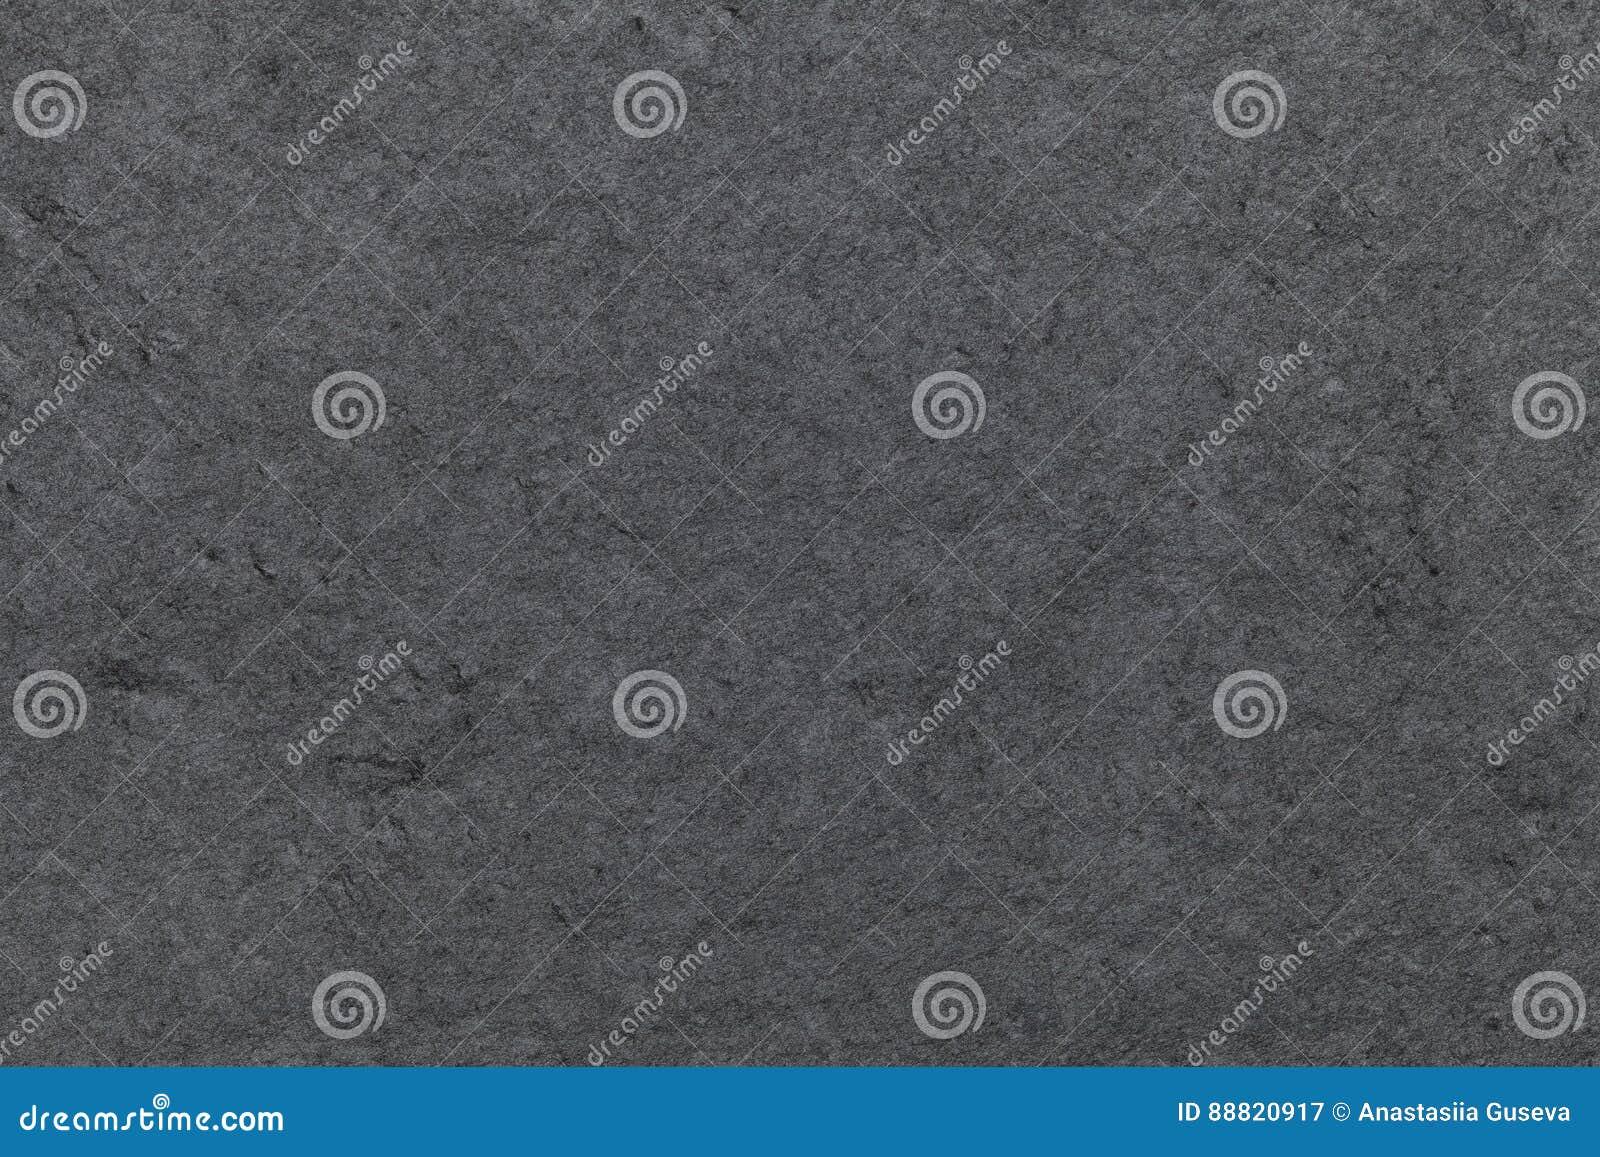 Σκούρο γκρι υπόβαθρο της φυσικής πλάκας Μαύρη κινηματογράφηση σε πρώτο πλάνο πετρών σύστασης